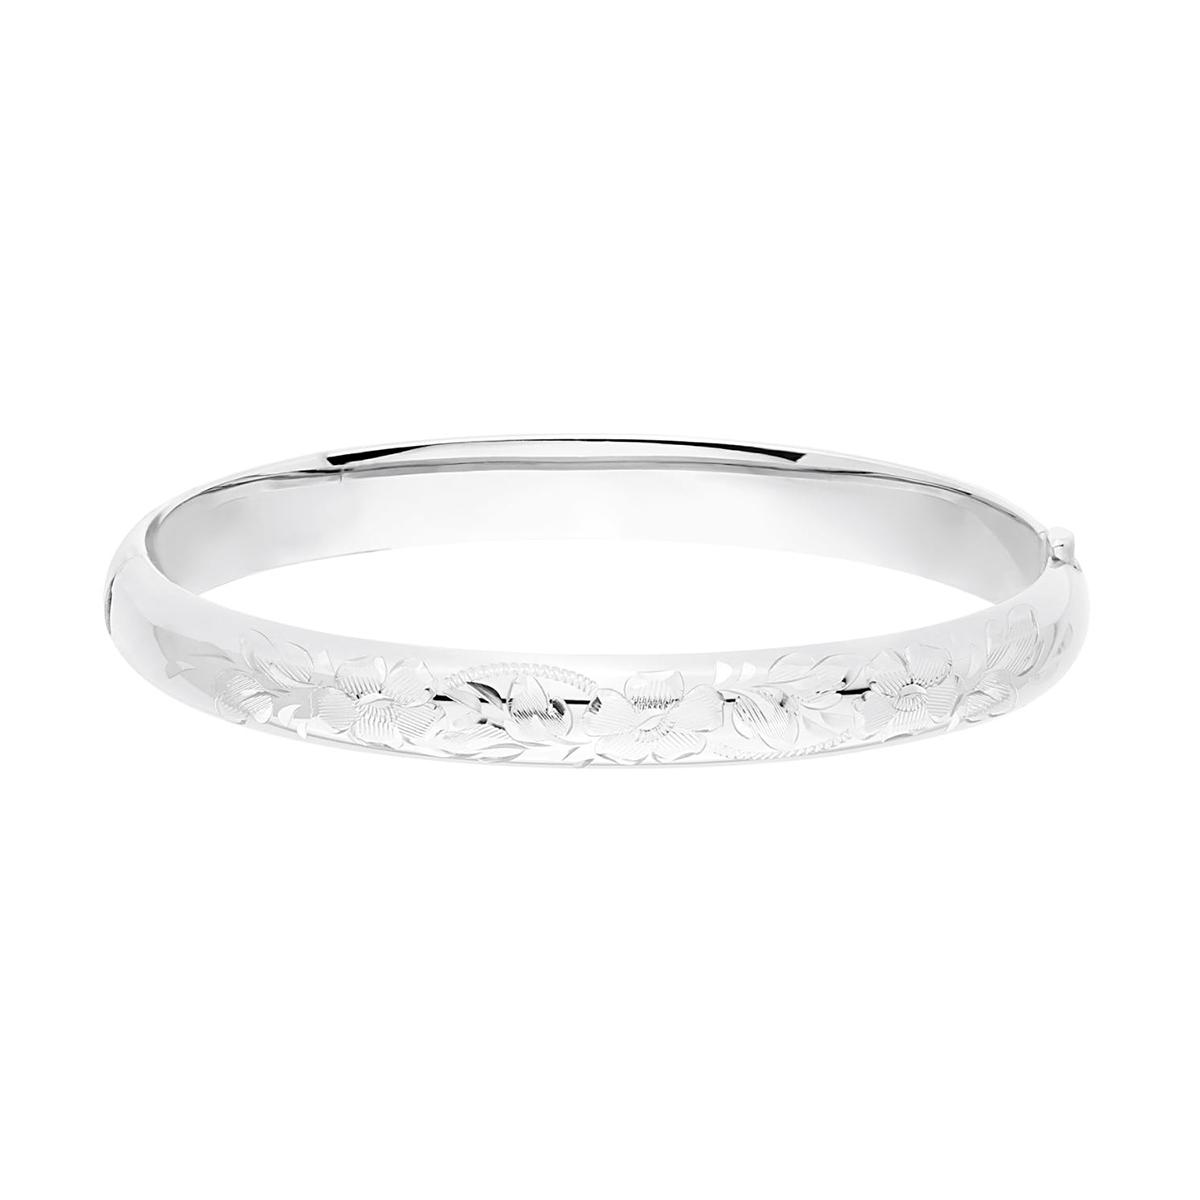 Sterling Silver Flower Engraved Bangle Bracelet